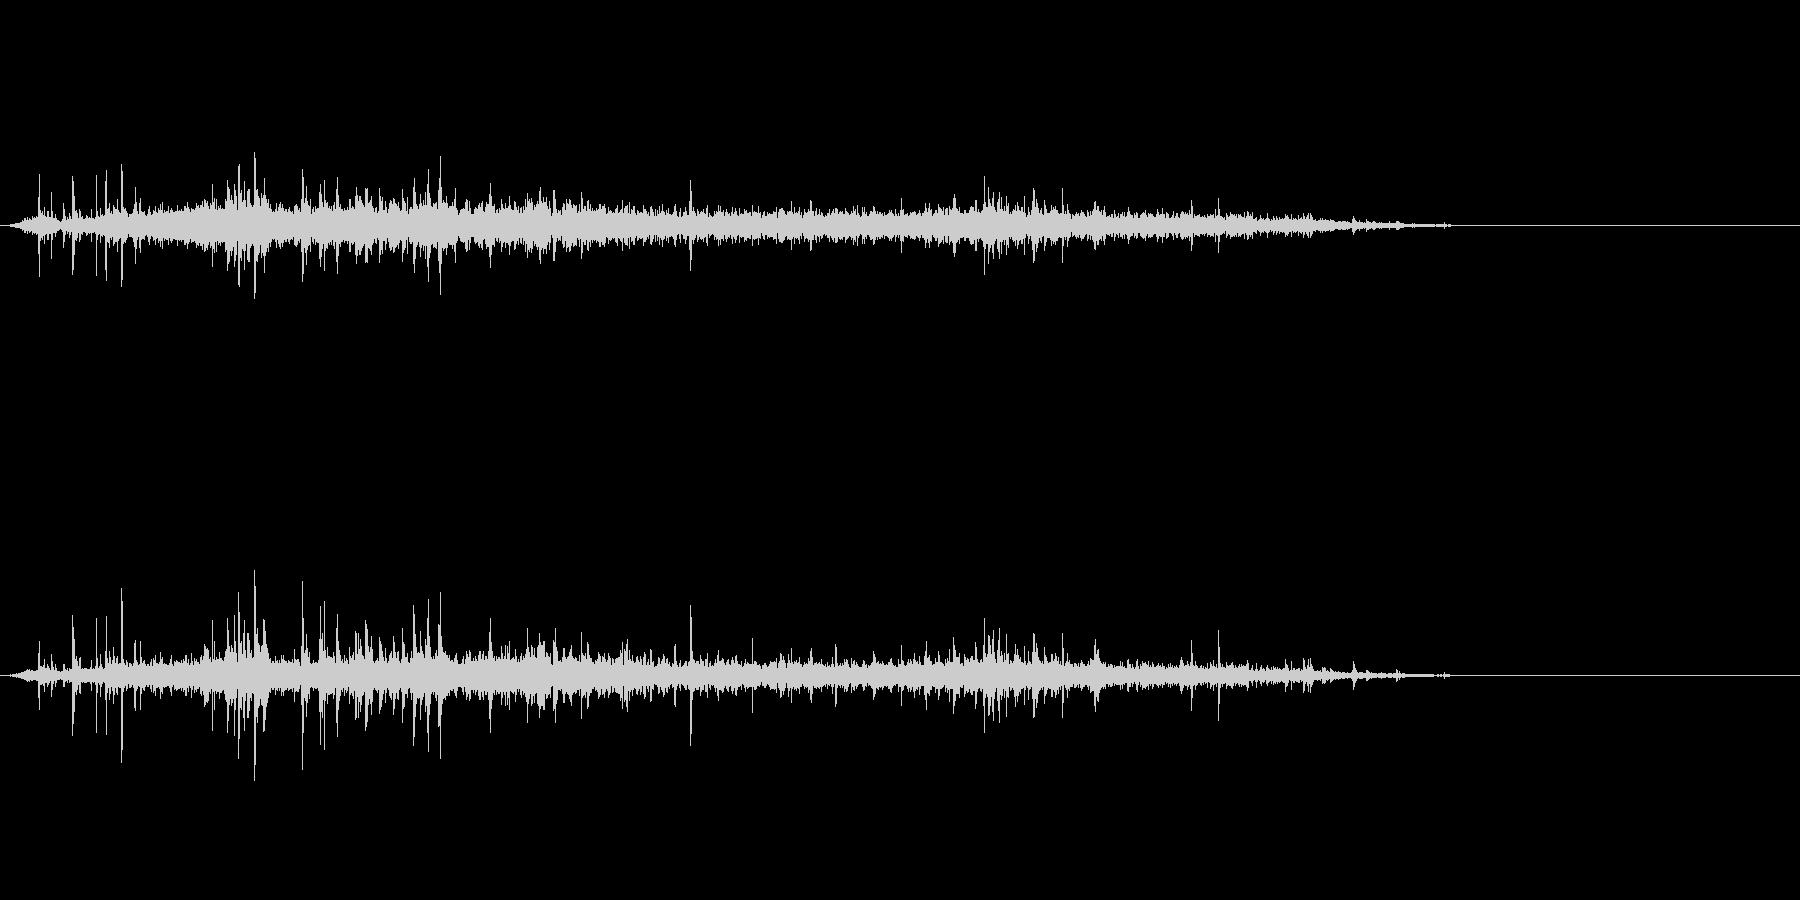 シュワーッ(炭酸飲料を注ぐ音、長め)の未再生の波形